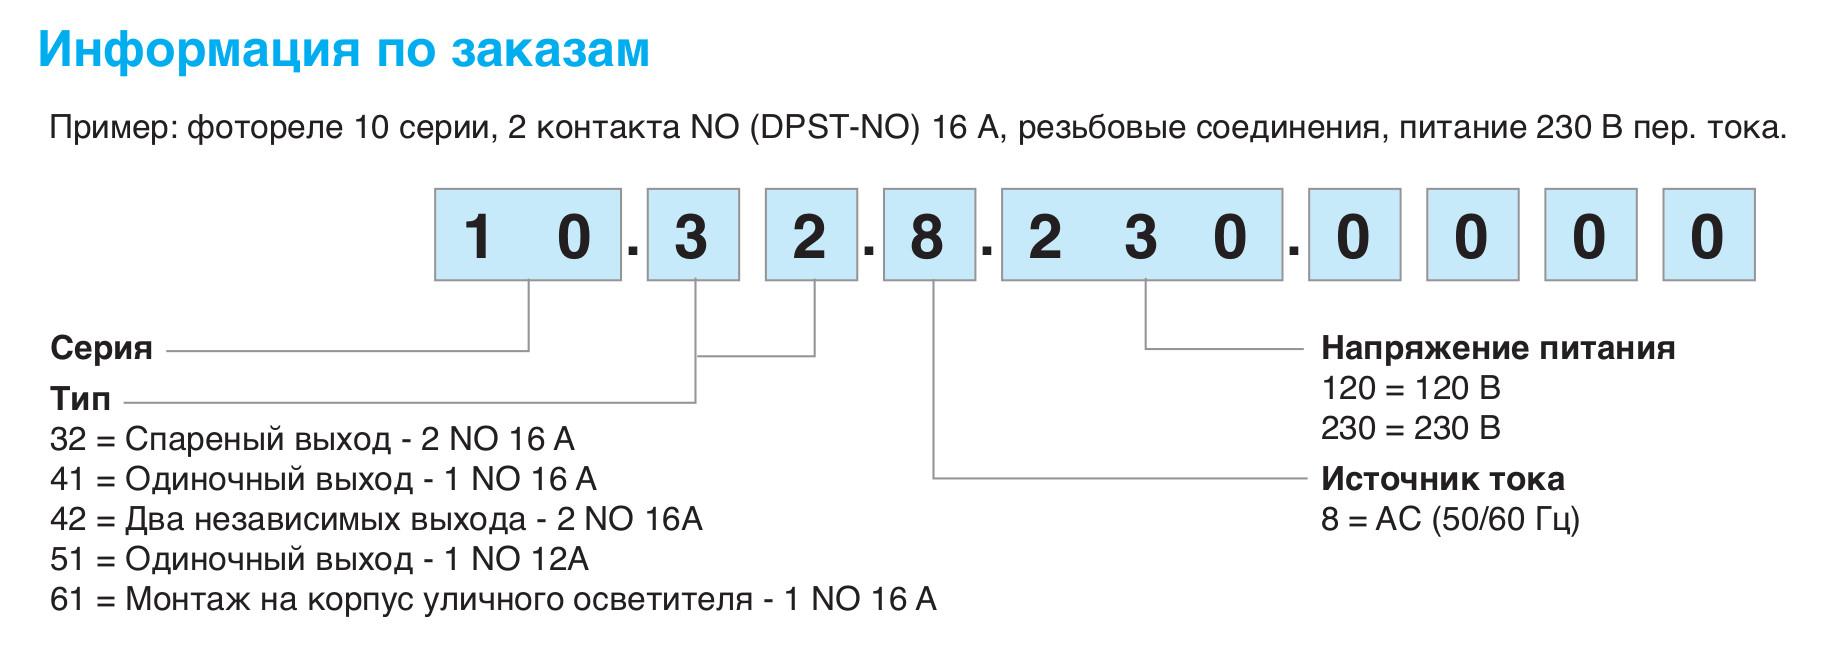 Таблица для заказа 10 серии Finder